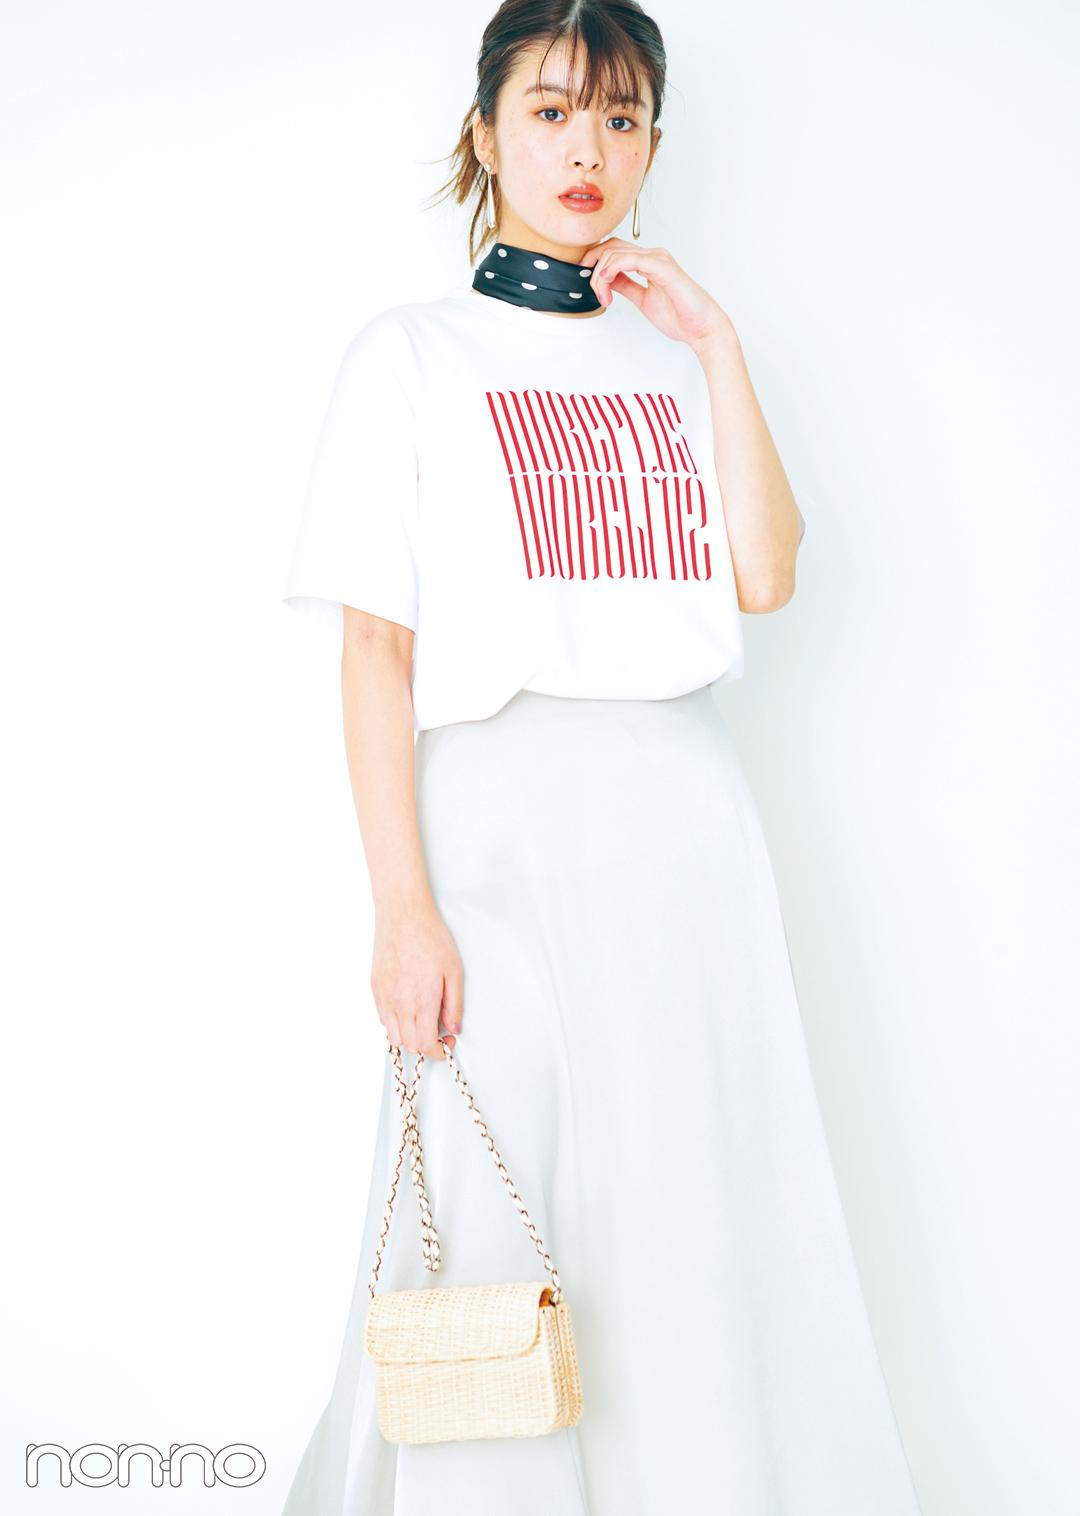 今日からすぐマネできる! 白のロゴTシャツ女っぽ着回しコーデ1×5★_1_3-1